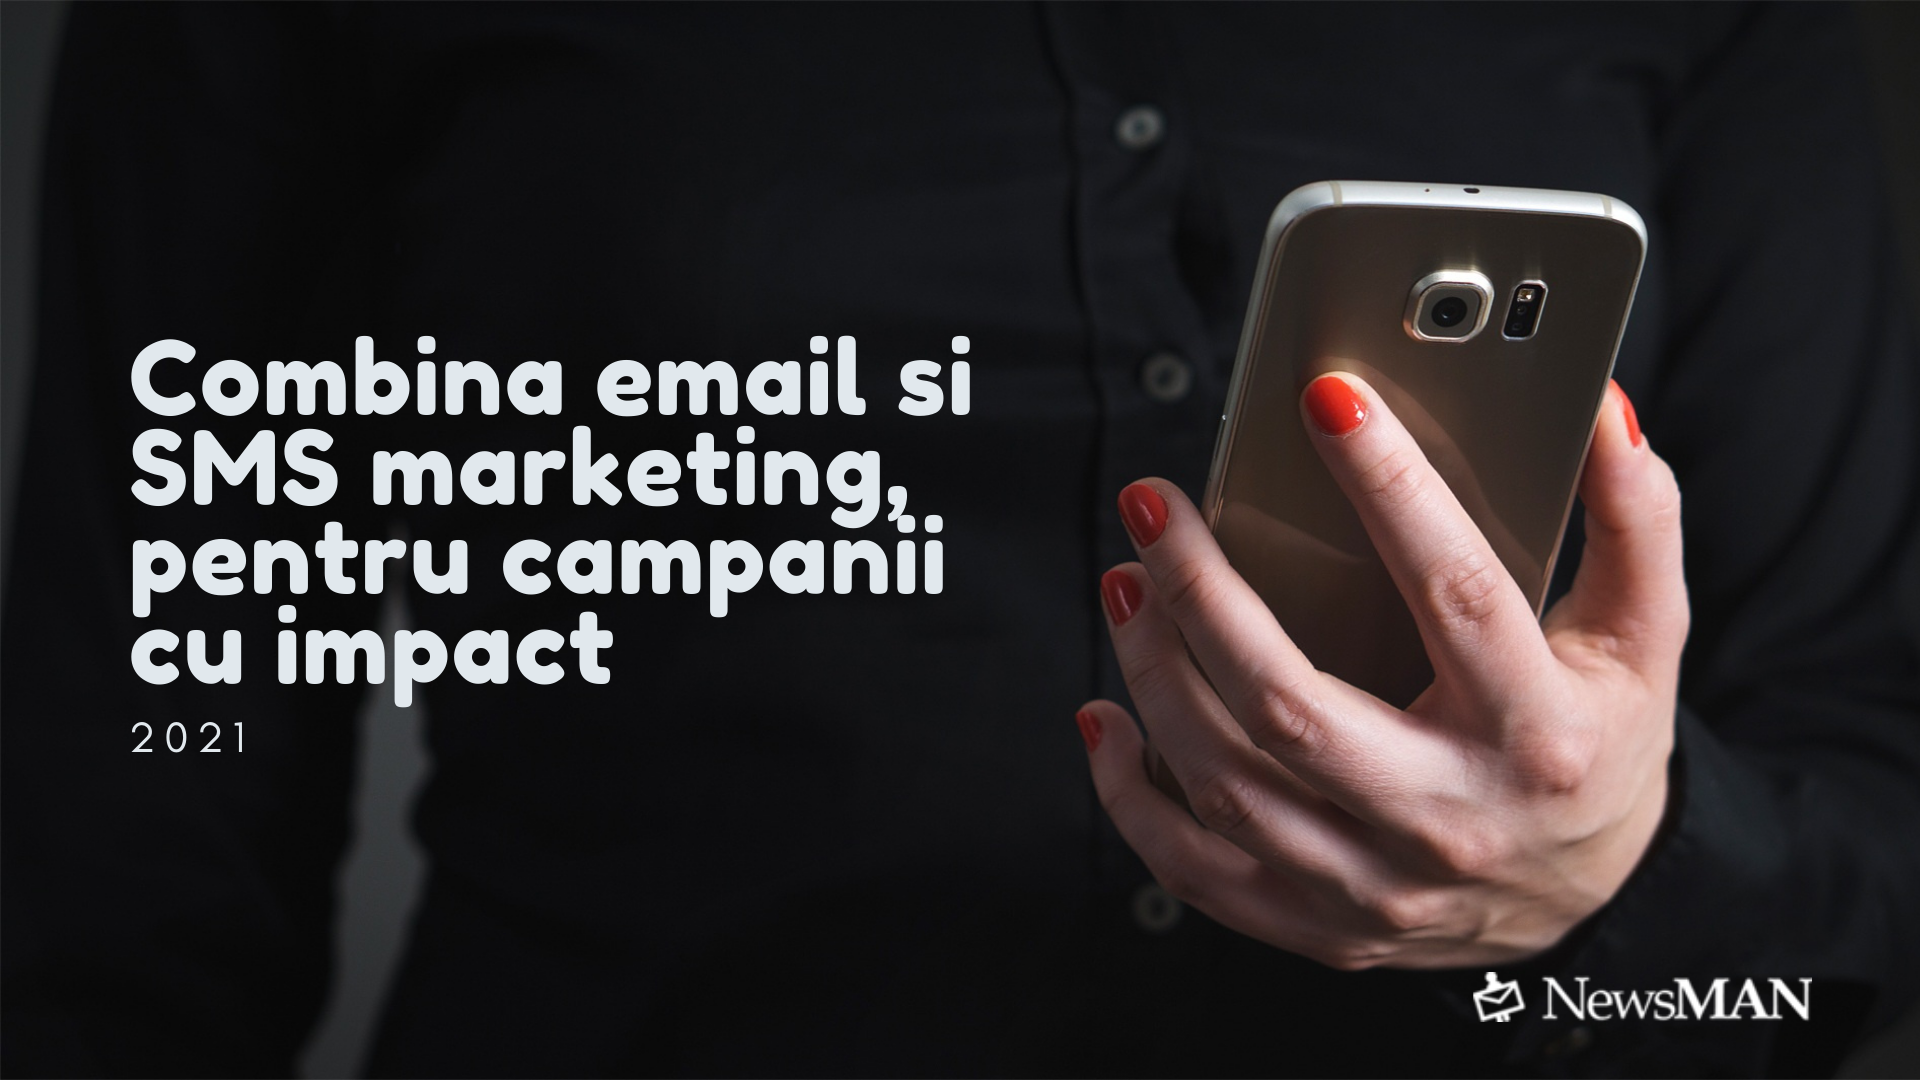 Combina email si SMS marketing, pentru campanii cu impact, in 2021